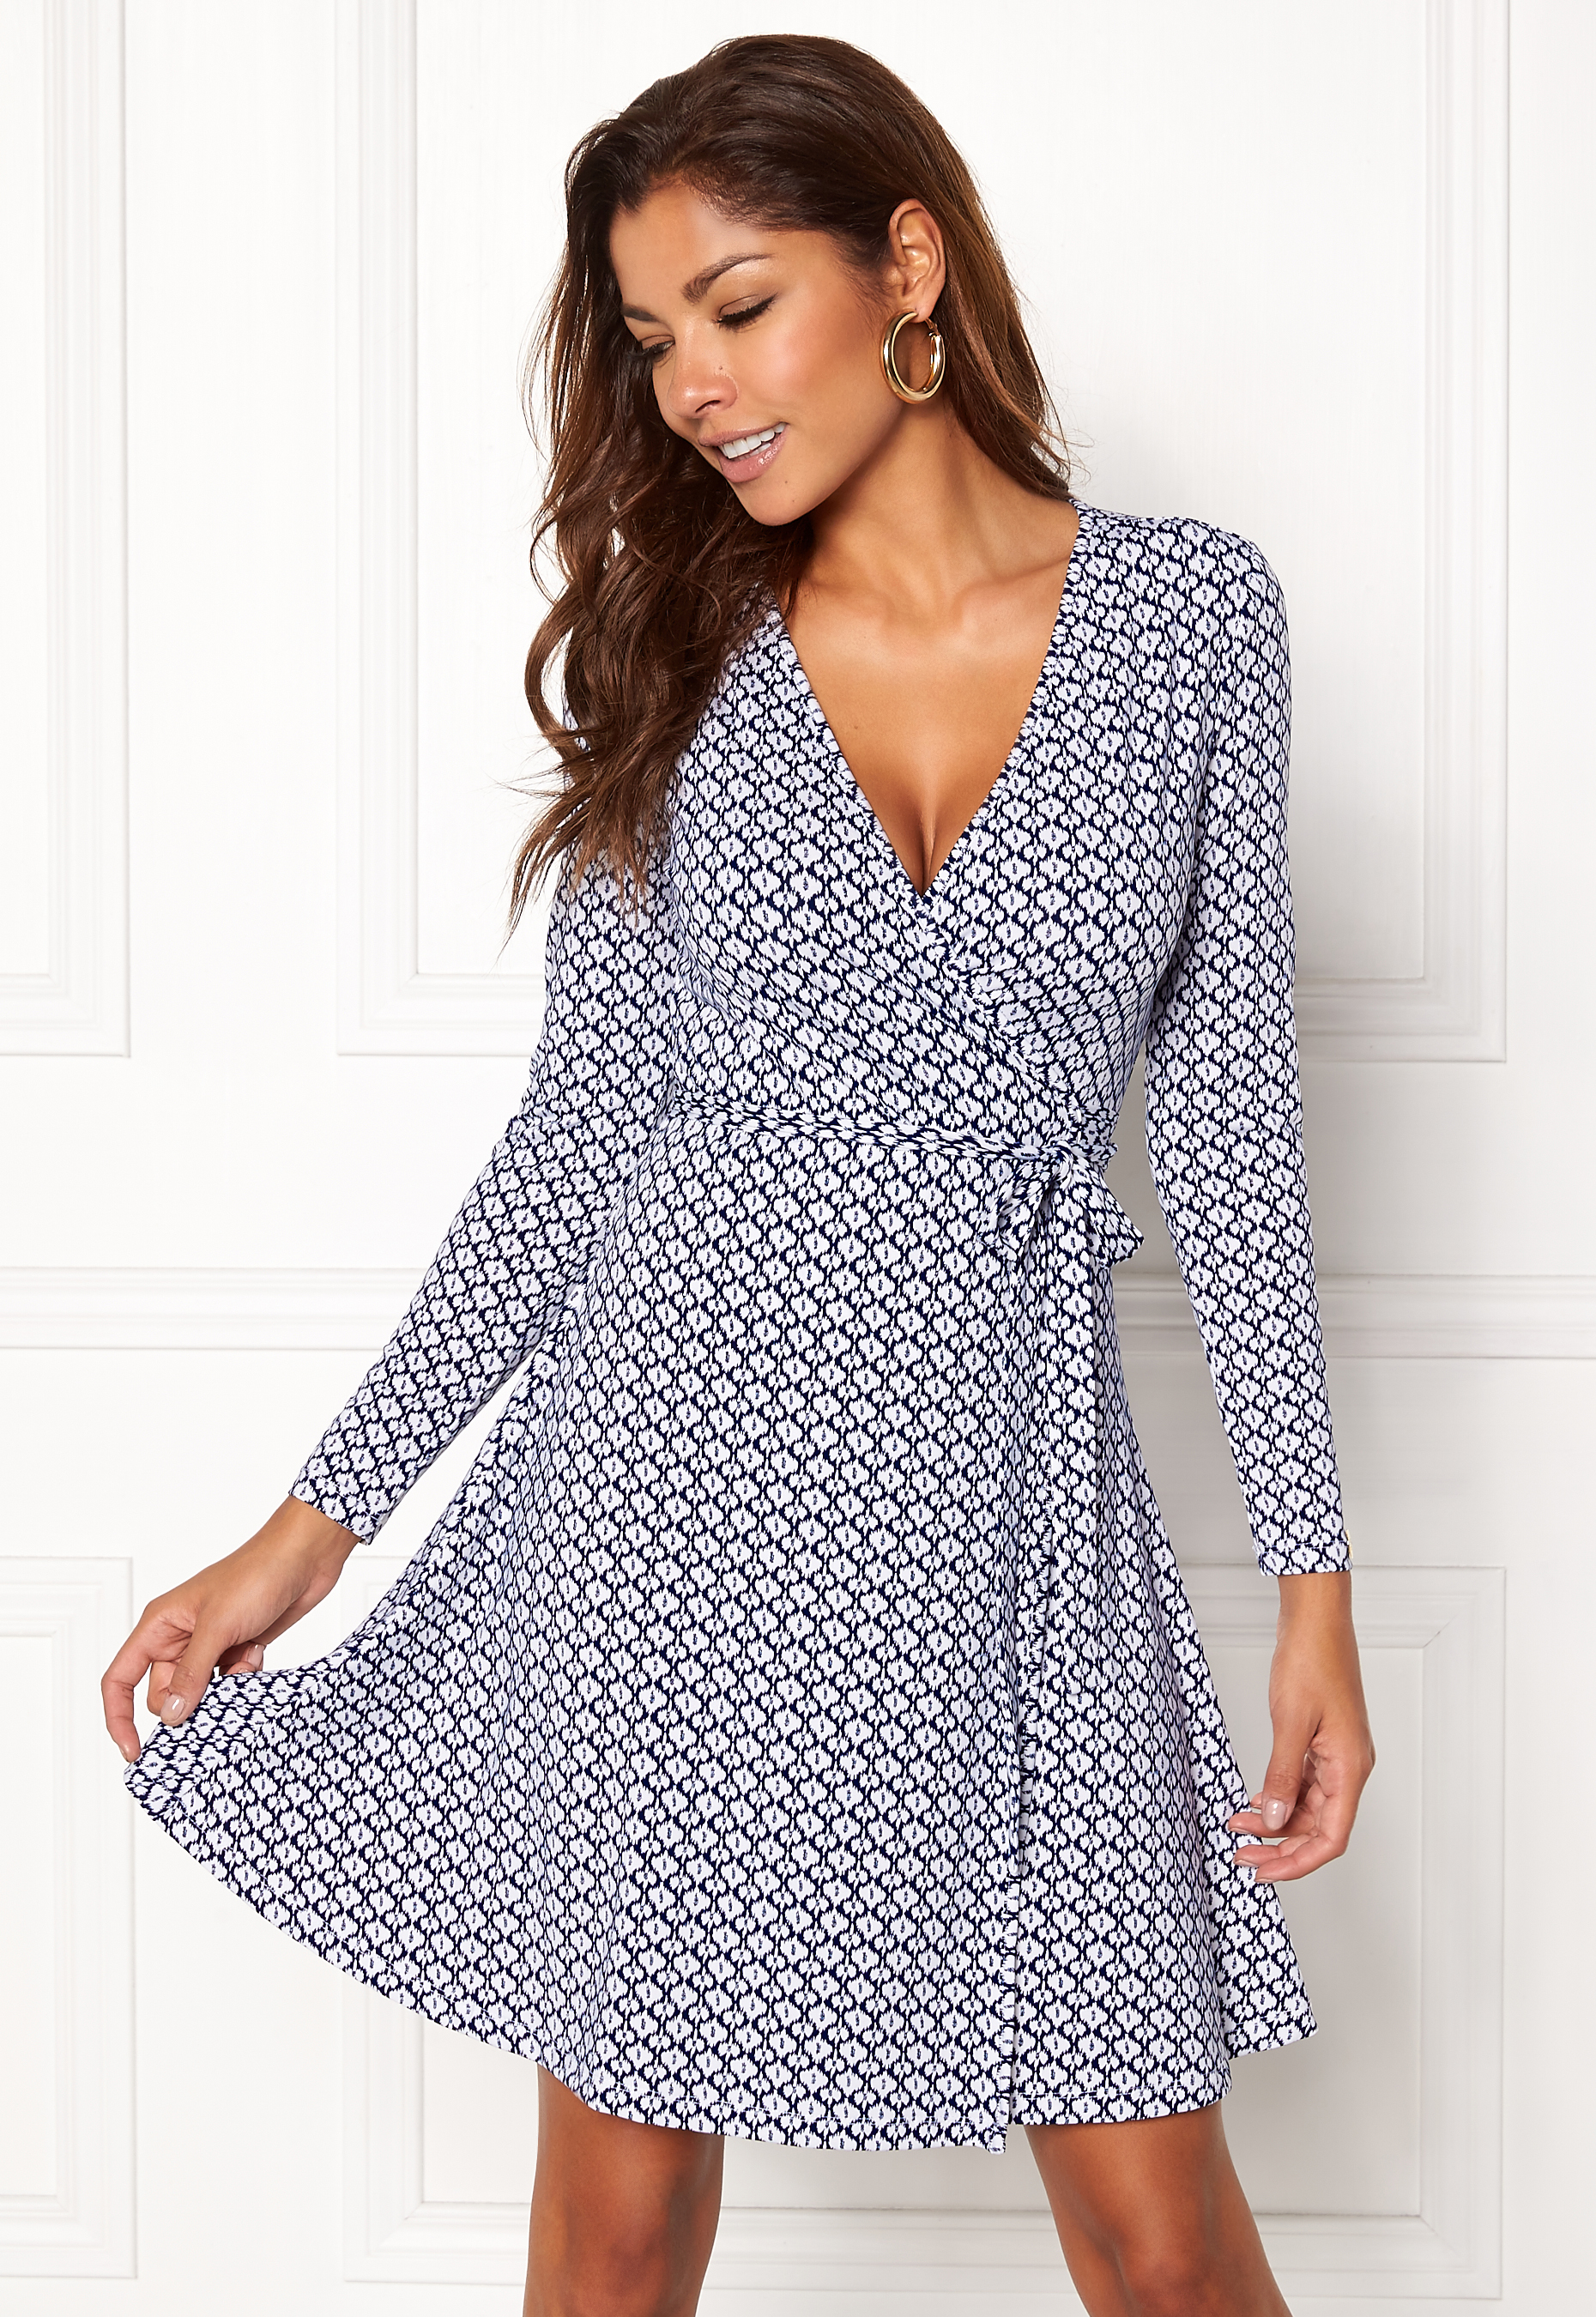 97c65d1f3d Chiara Forthi Sonnet Mini Wrap Dress Antique white   Blue - Bubbleroom